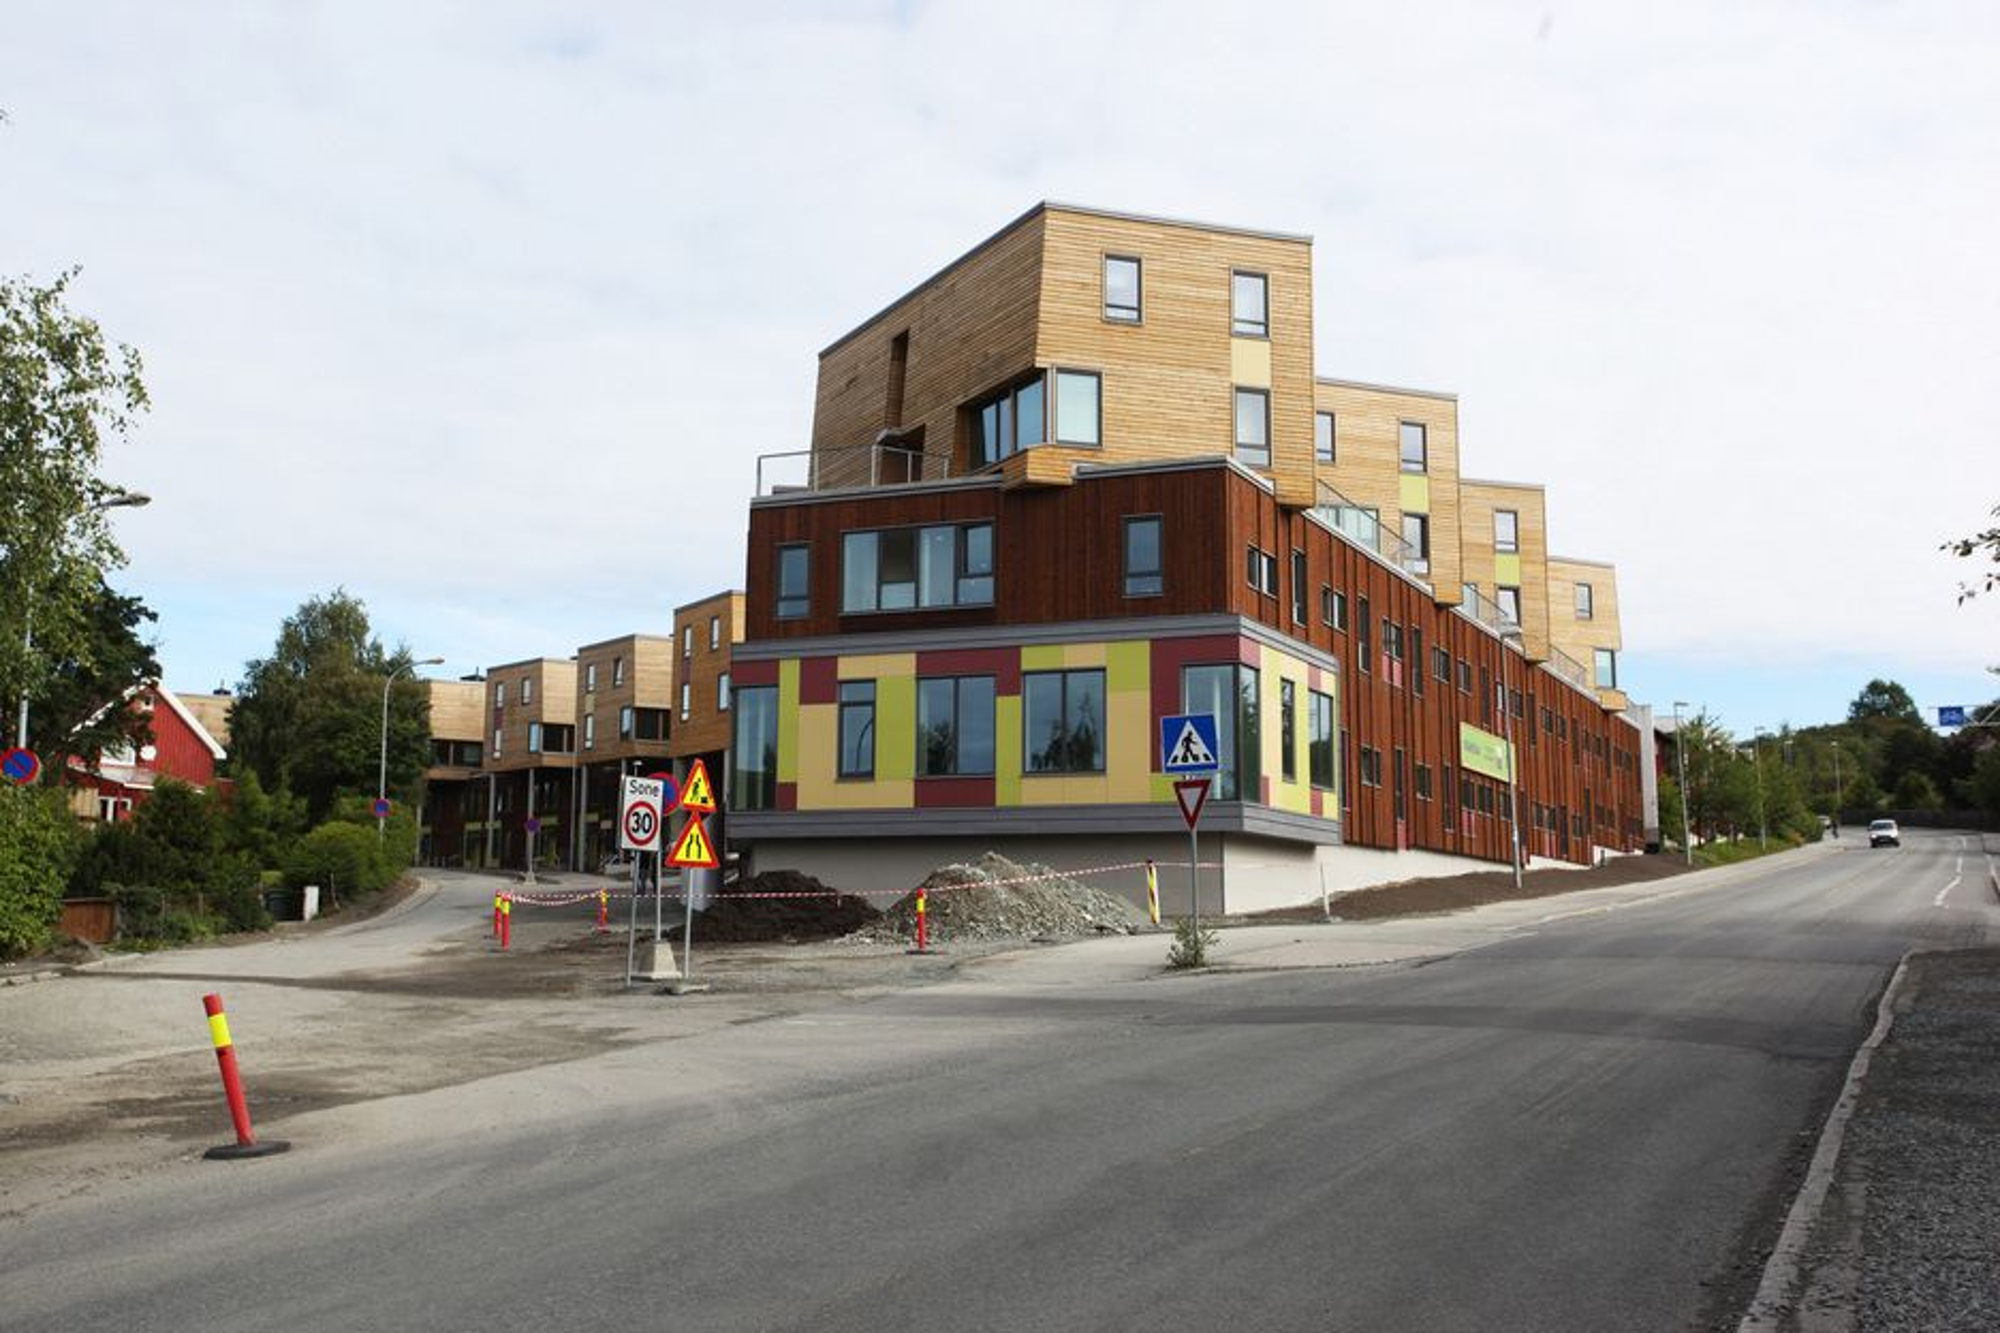 Kunnskapsdepartementet innvilger mange søknader om studentboliger til sitt fulle, men i Oslo mener studentsamskipnaden at de har fått altfor lite. Bildet viser Nye Berg studentby i Trondheim, som åpner endelig til uka.